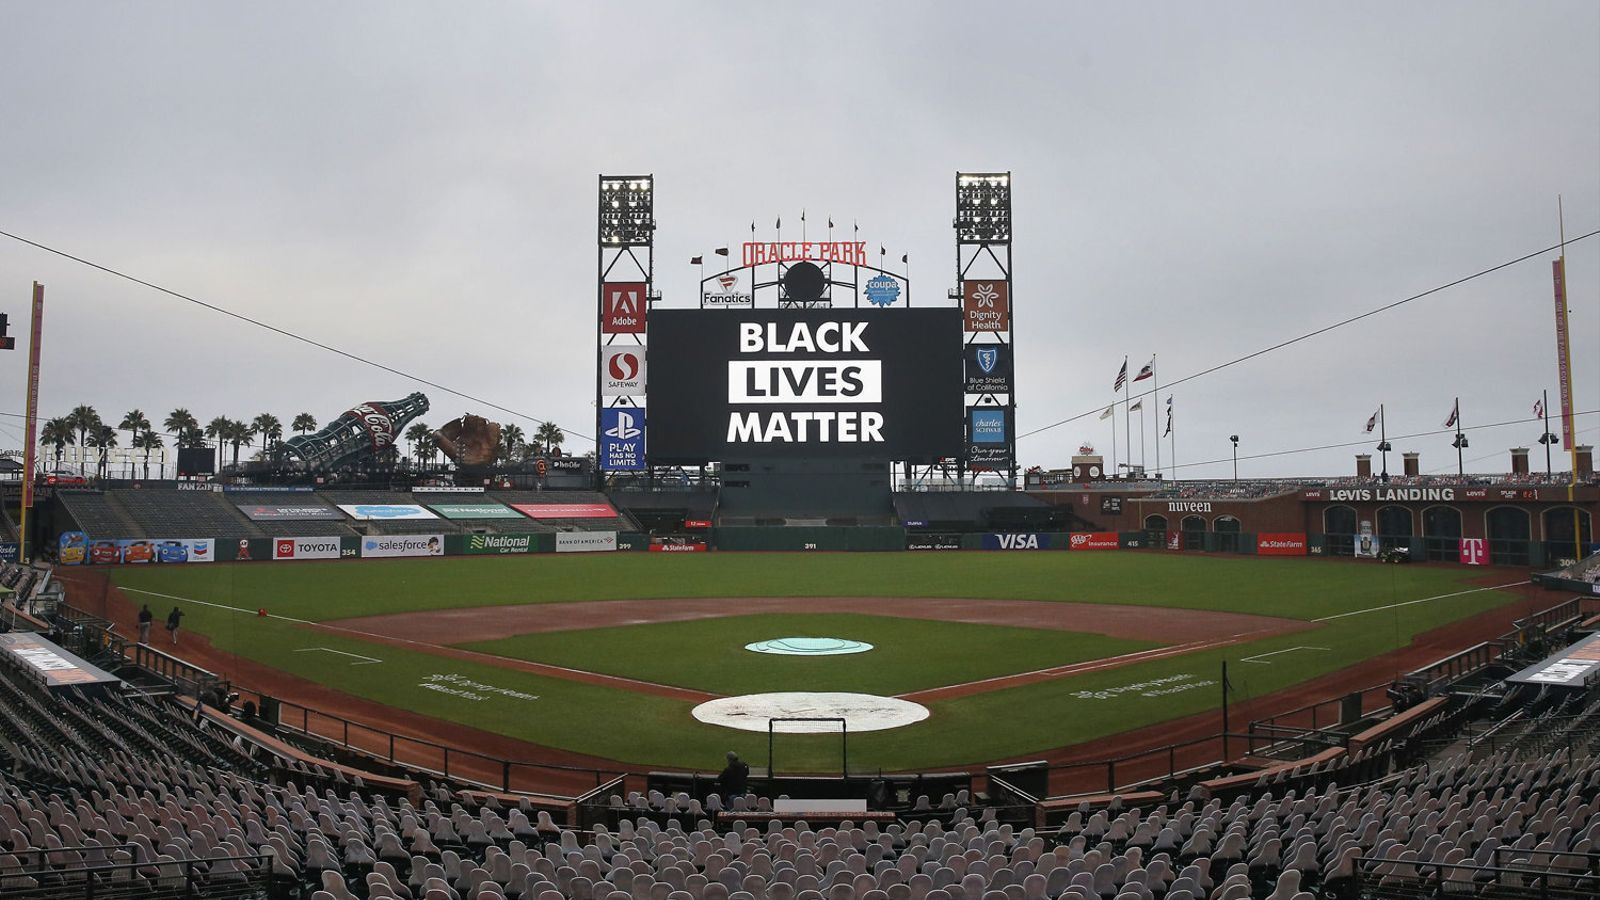 A l'esquerra, l'estadi dels San Francisco Giants, buit després de suspendre's el partit contra els Dodgers. A la dreta, manifestants a Kenosha.